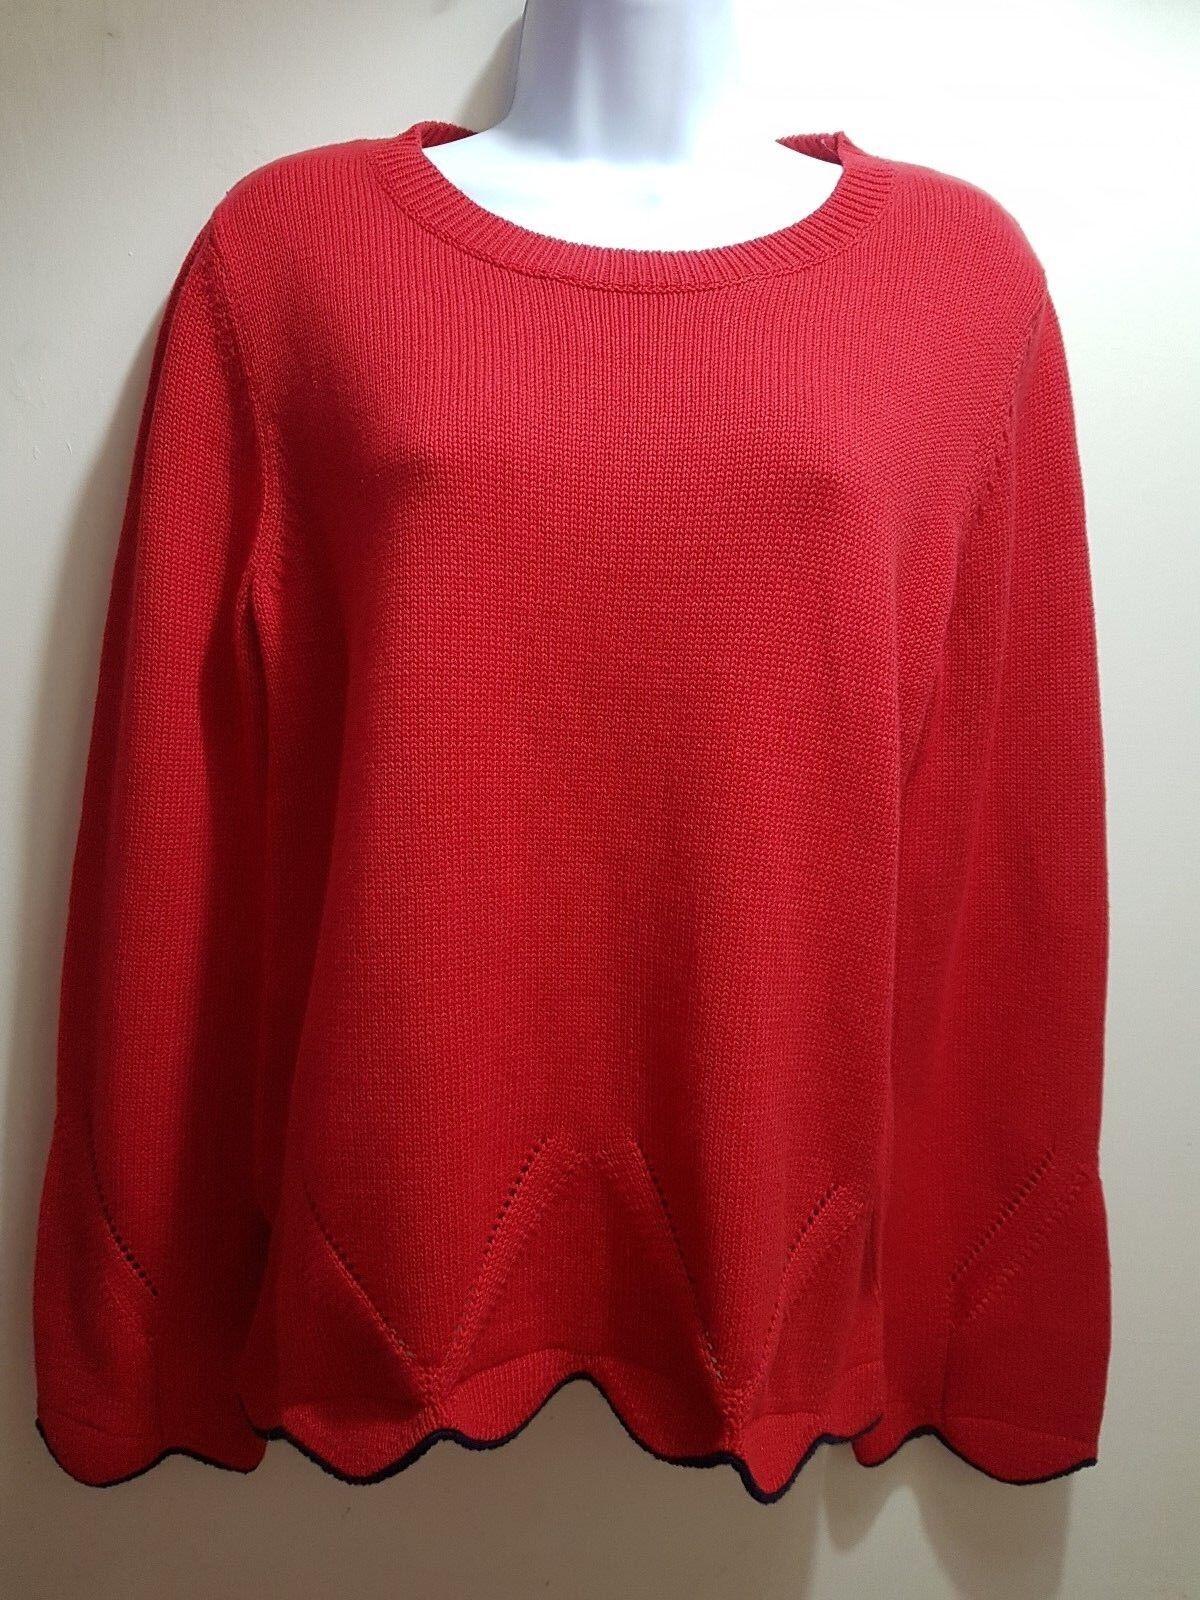 Cynthia Rowley Red Knitwear jumper size L